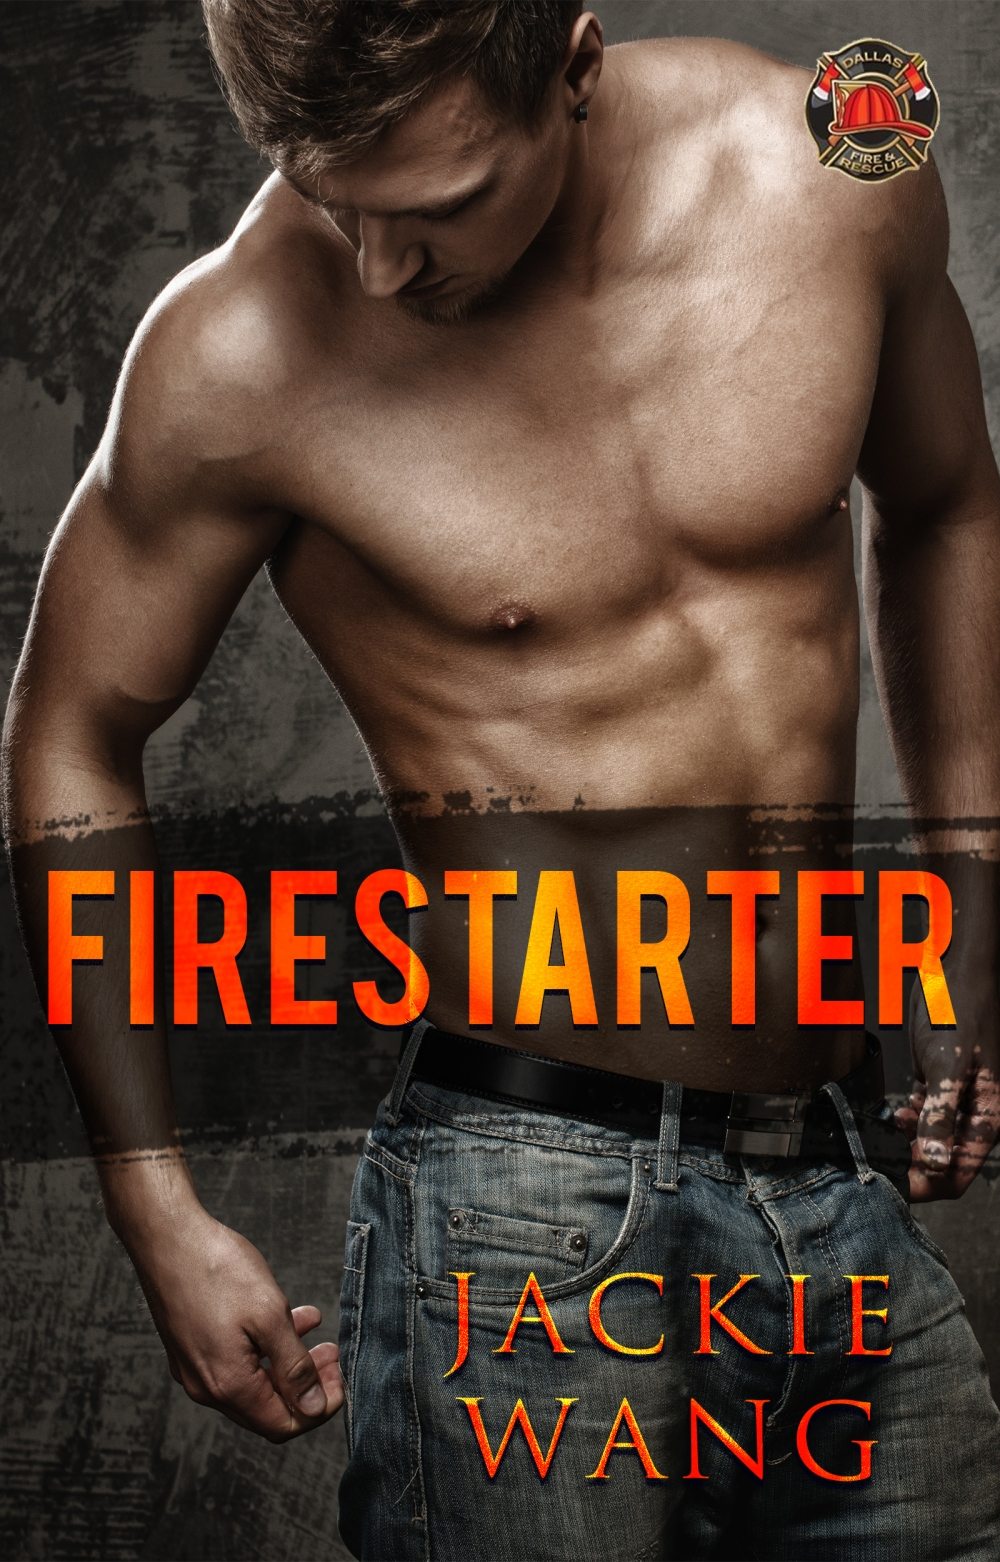 FirestarterAugust